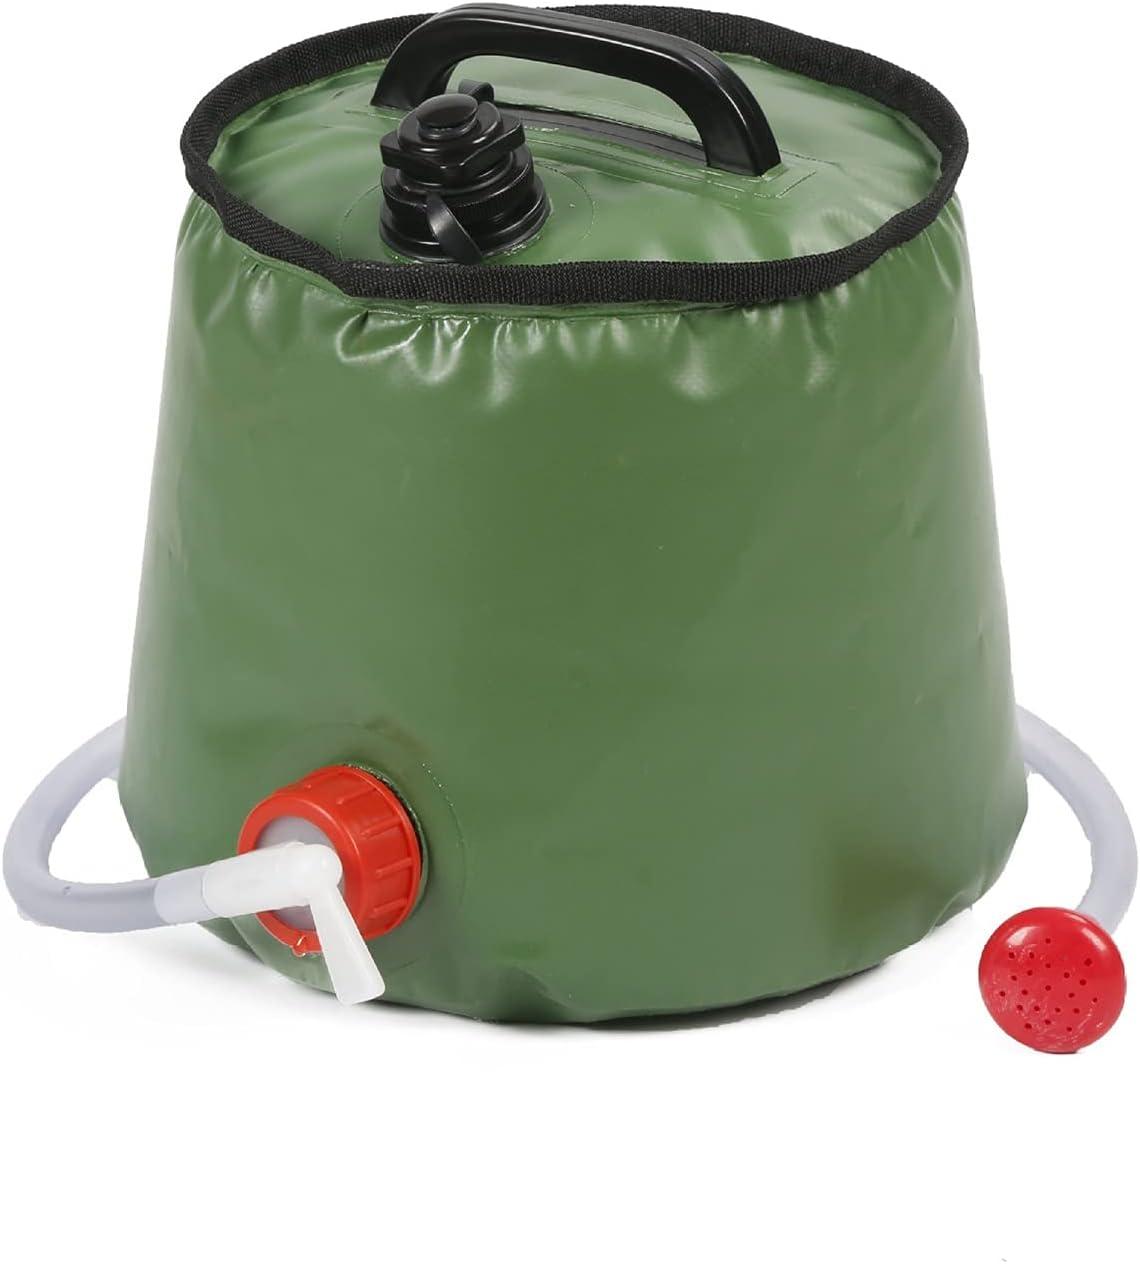 Solar Shower Bag Hua Outdoor PVC Portable Campin Sale SALE% OFF 22L Gorgeous